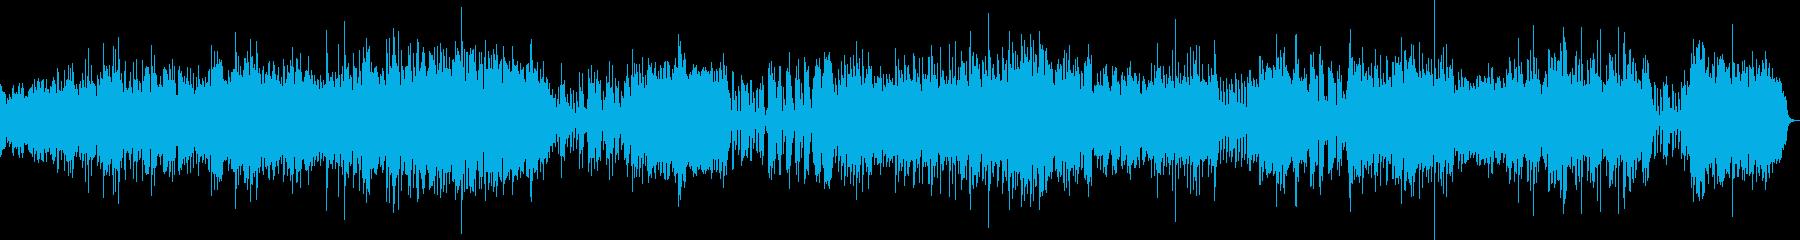 ピアノ2台の豪華な曲・2楽章(バッハ)の再生済みの波形